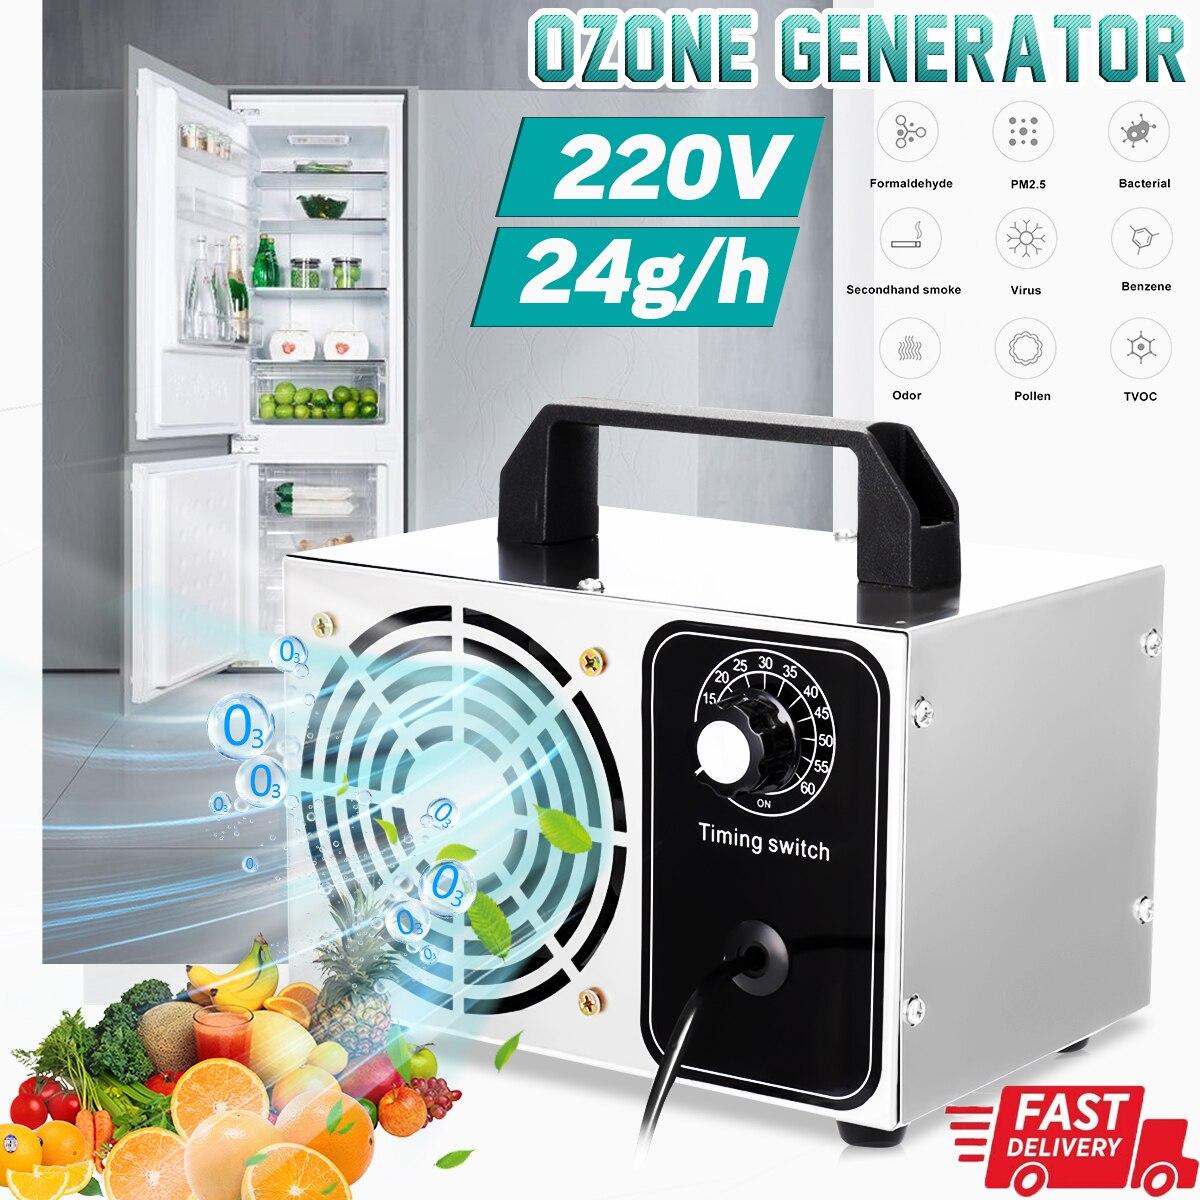 220V 24 g/h ozonizador purificador de aire máquina esterilizador aire desodorante desinfectante de manos de limpieza el formaldehído con interruptor de sincronización Generador de ozono para aire 30g 50 g/h 110/220V, purificador de aire, esterilizador, ozonizador, portátil, esterilizador con interruptor de sincronización